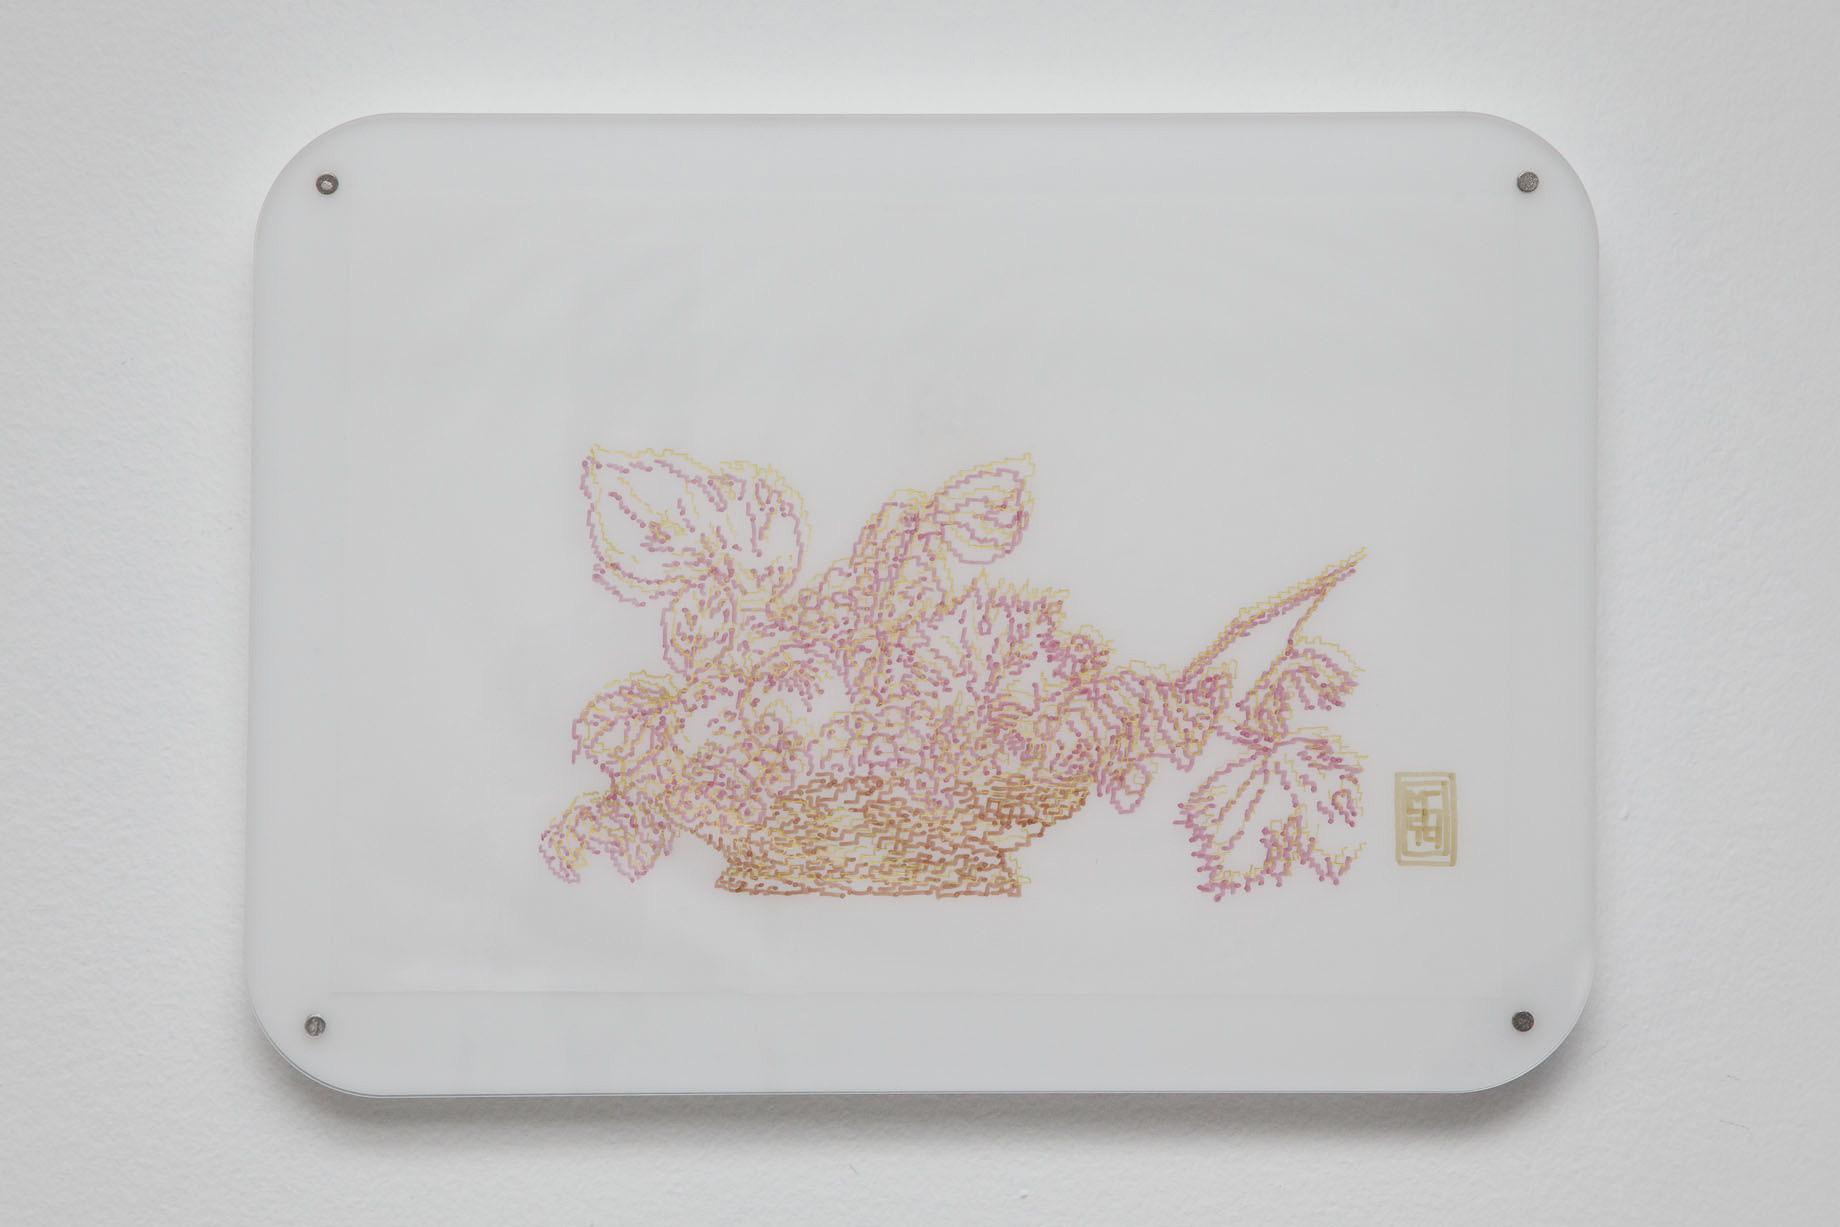 Michele Chiossi Ambrosiana, 2014   plexiglas, magneti pennarelli e pigmento d'oro su carta da lucido disegno zigzag Caravaggio Milano itsmilanobaby Natura Morta